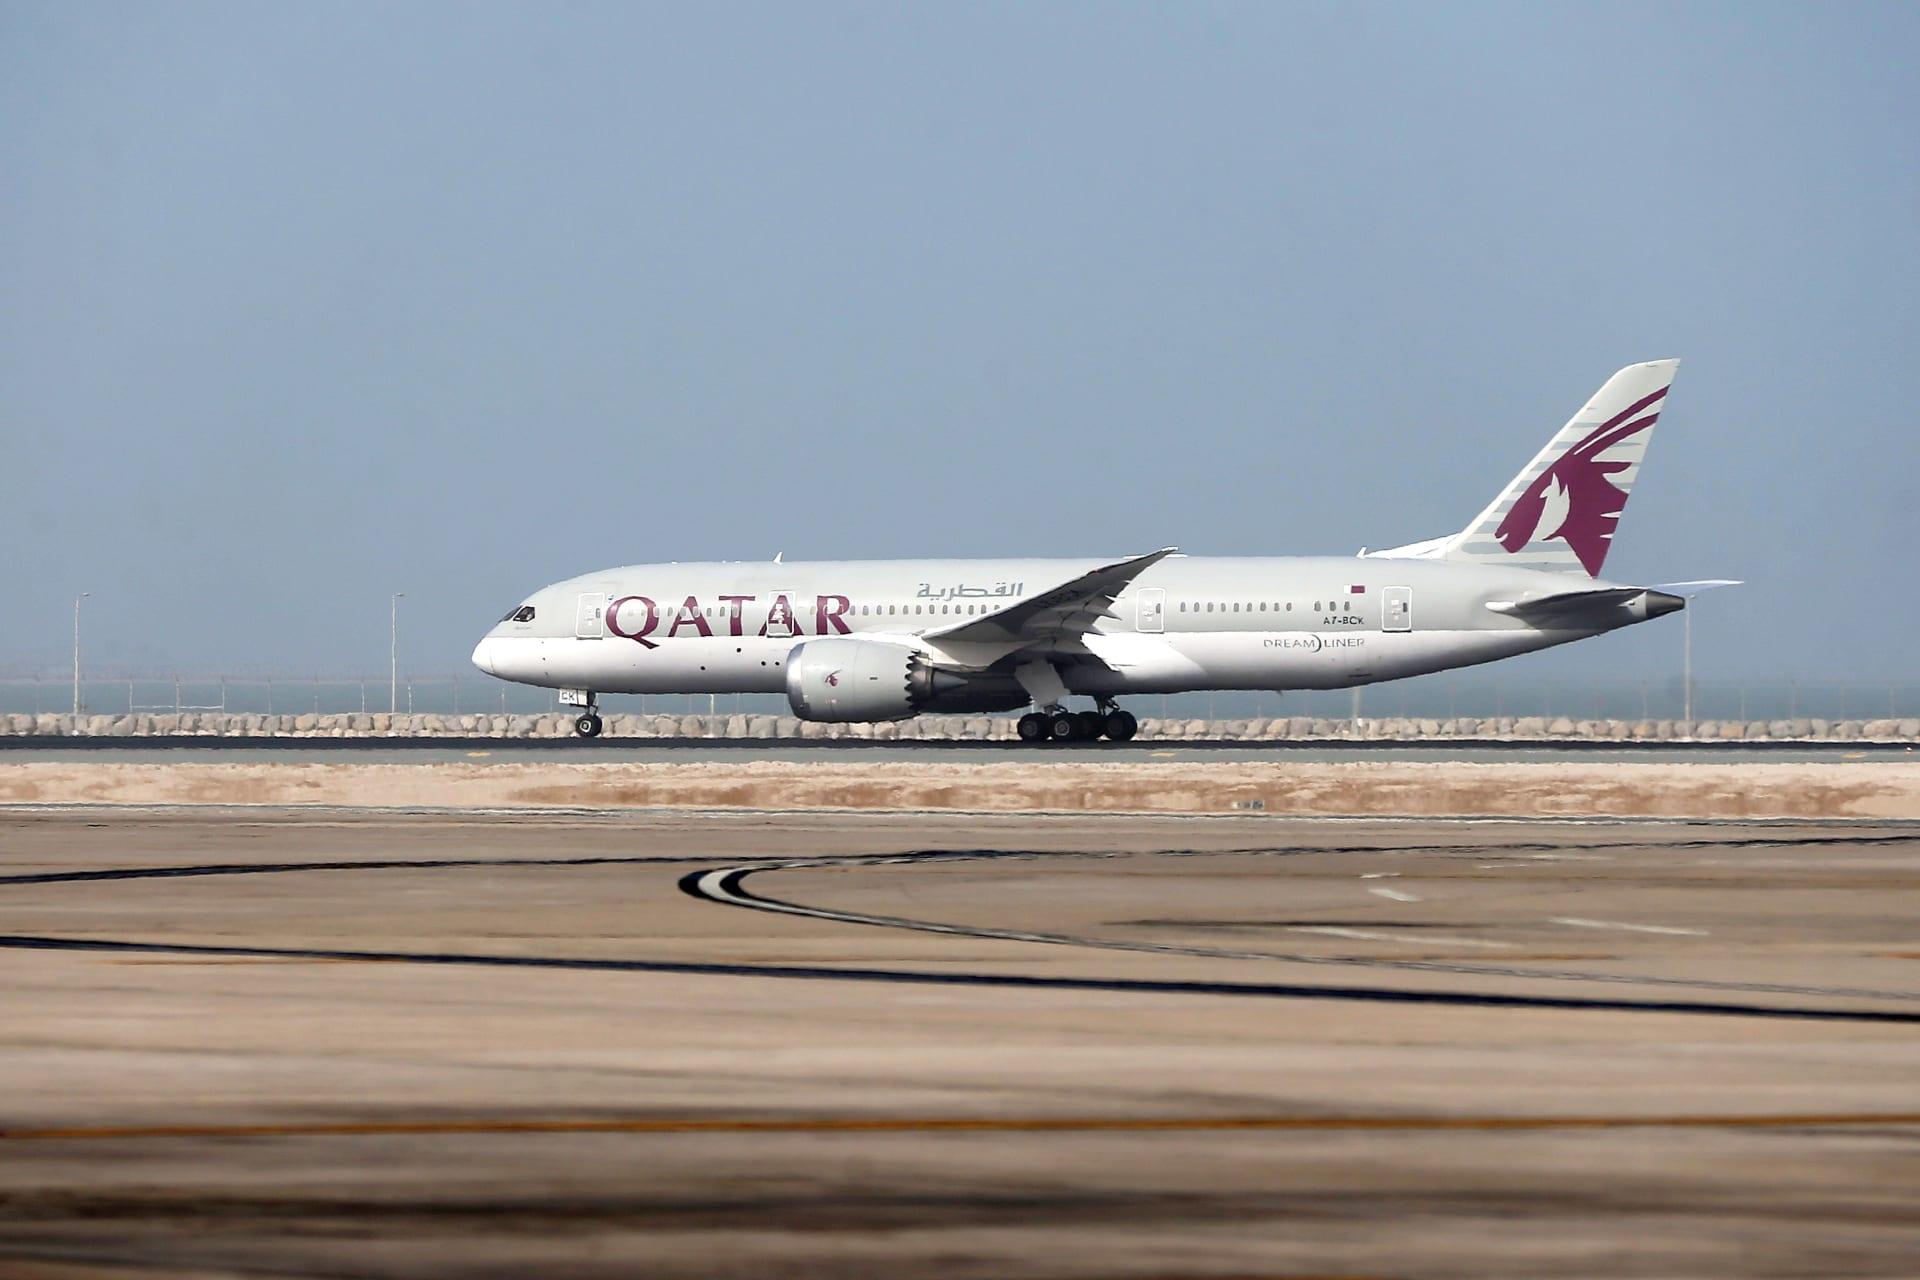 """تفاعل واسع على """"تويتر"""" مع صورة لوصول طائرة أميرية قطرية إلى السعودية"""